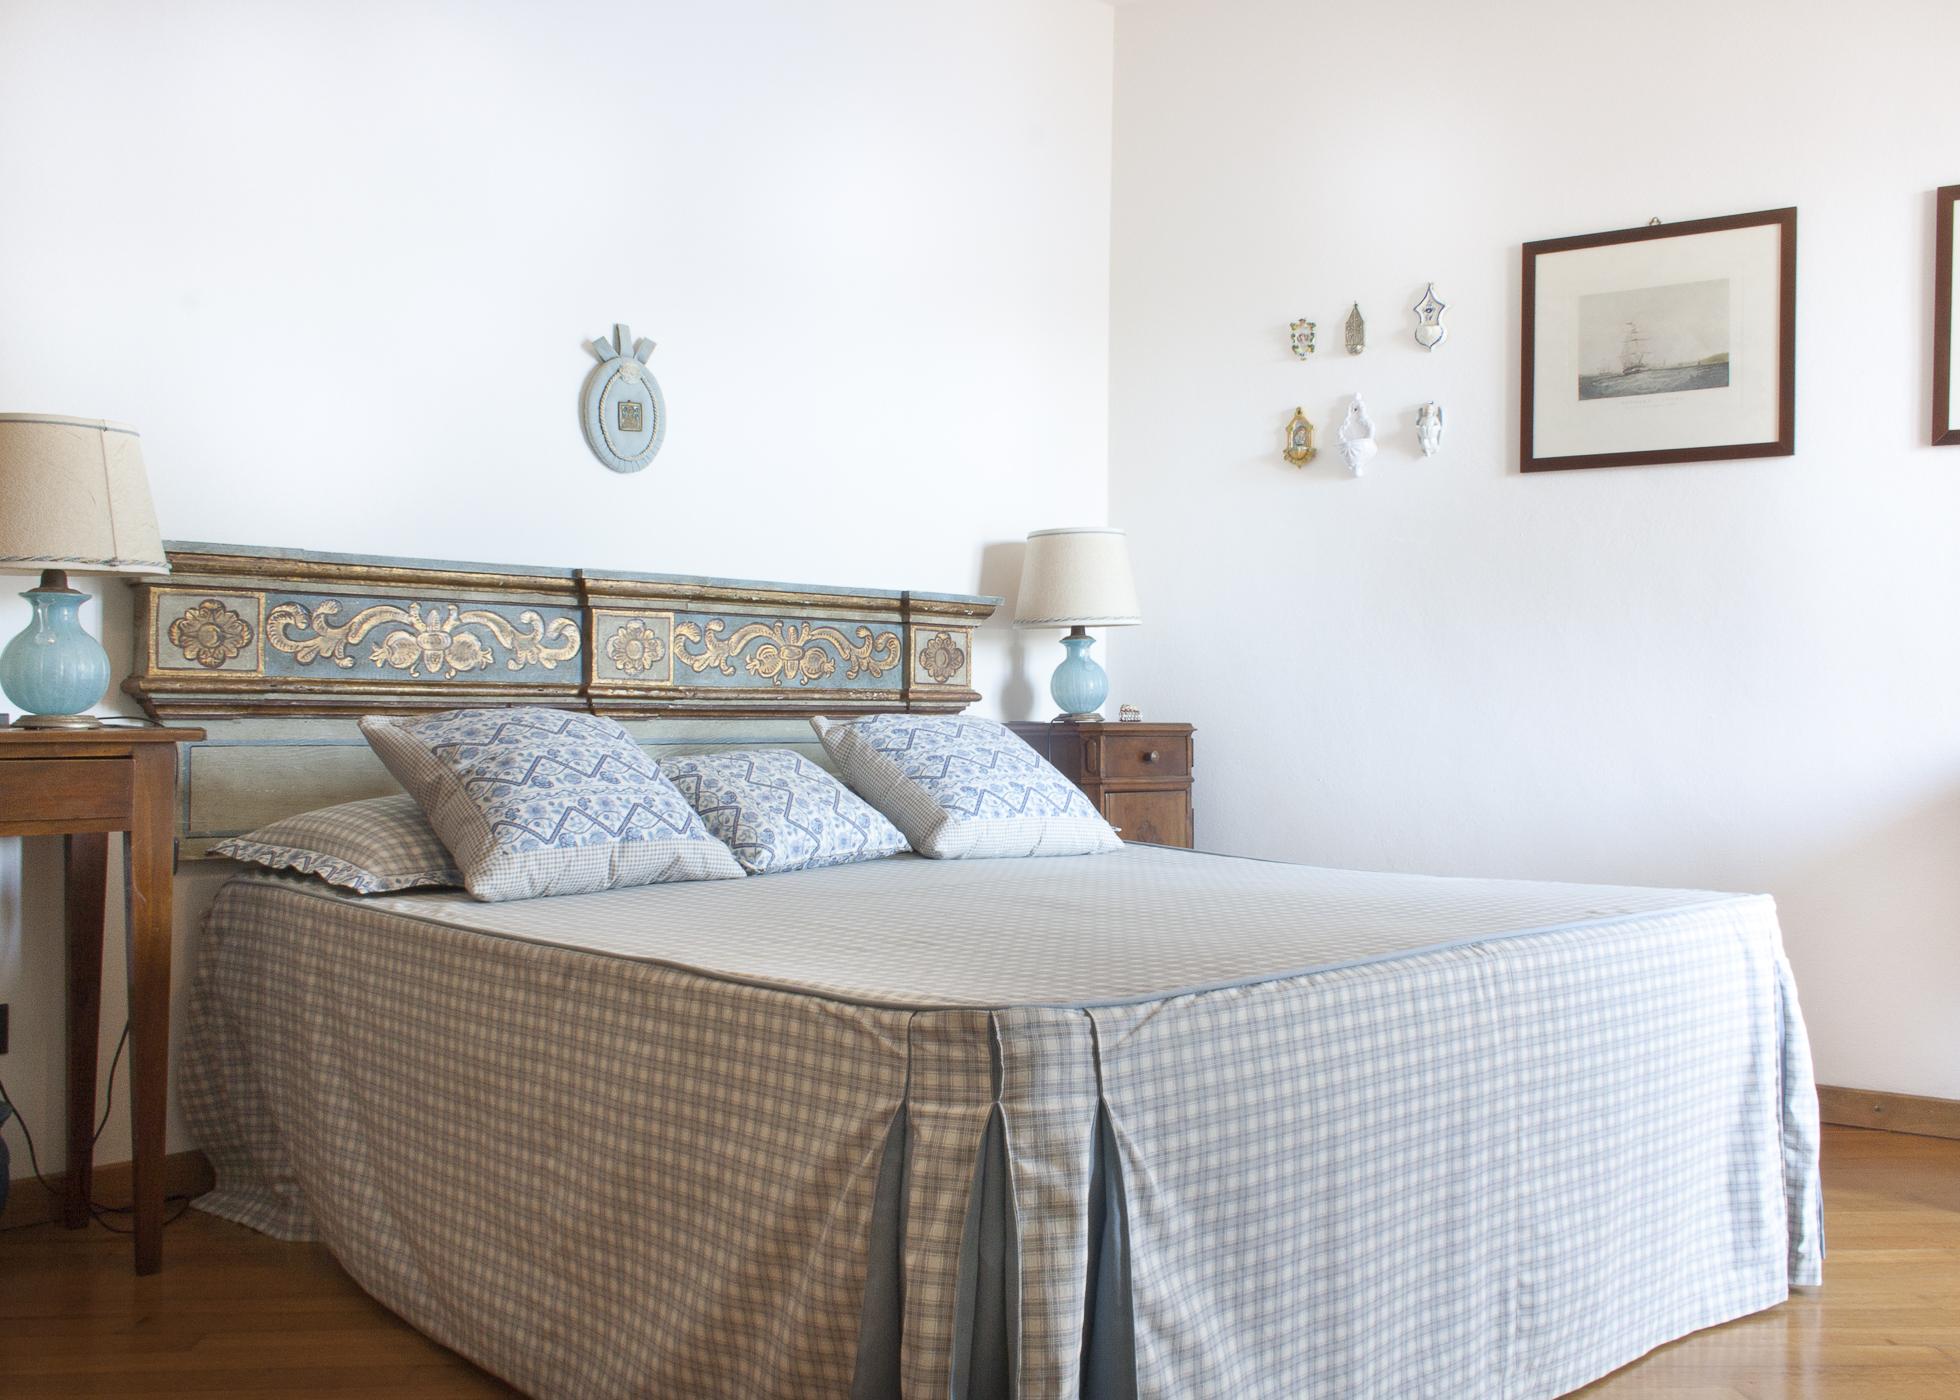 Ferienhaus TERRAZZA SUL MARE (2334401), Marina di Campo, Elba, Toskana, Italien, Bild 17